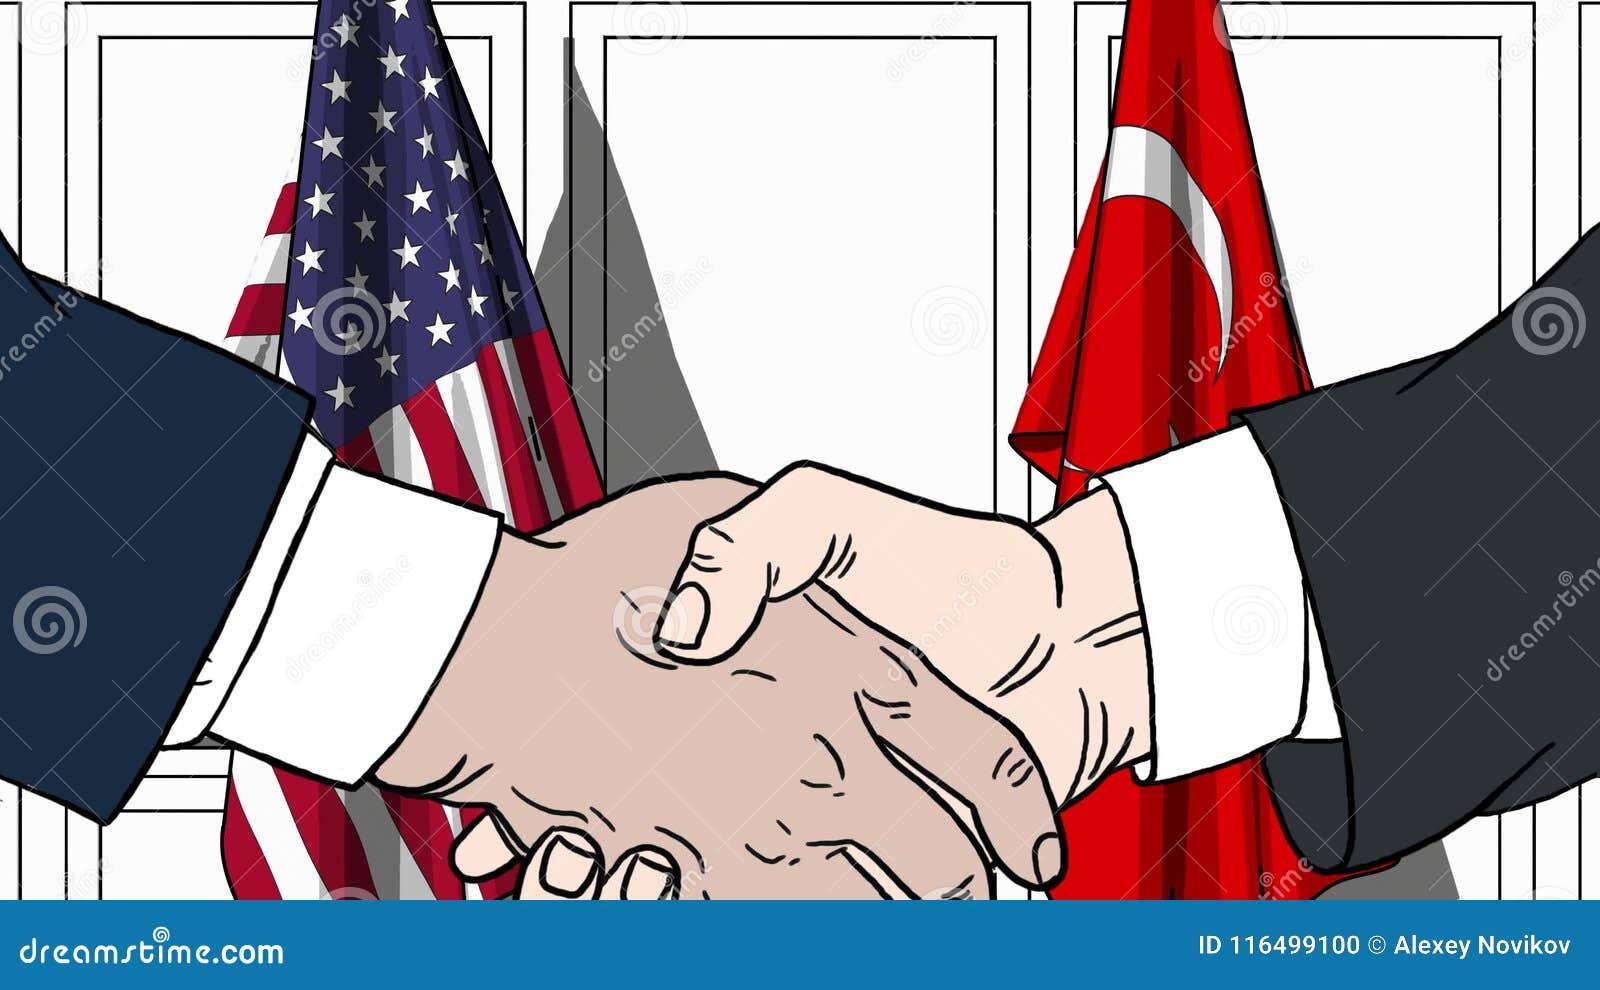 Zakenlieden of politici die handen schudden tegen vlaggen van de V.S. en Turkije Vergadering of samenwerking verwant beeldverhaal